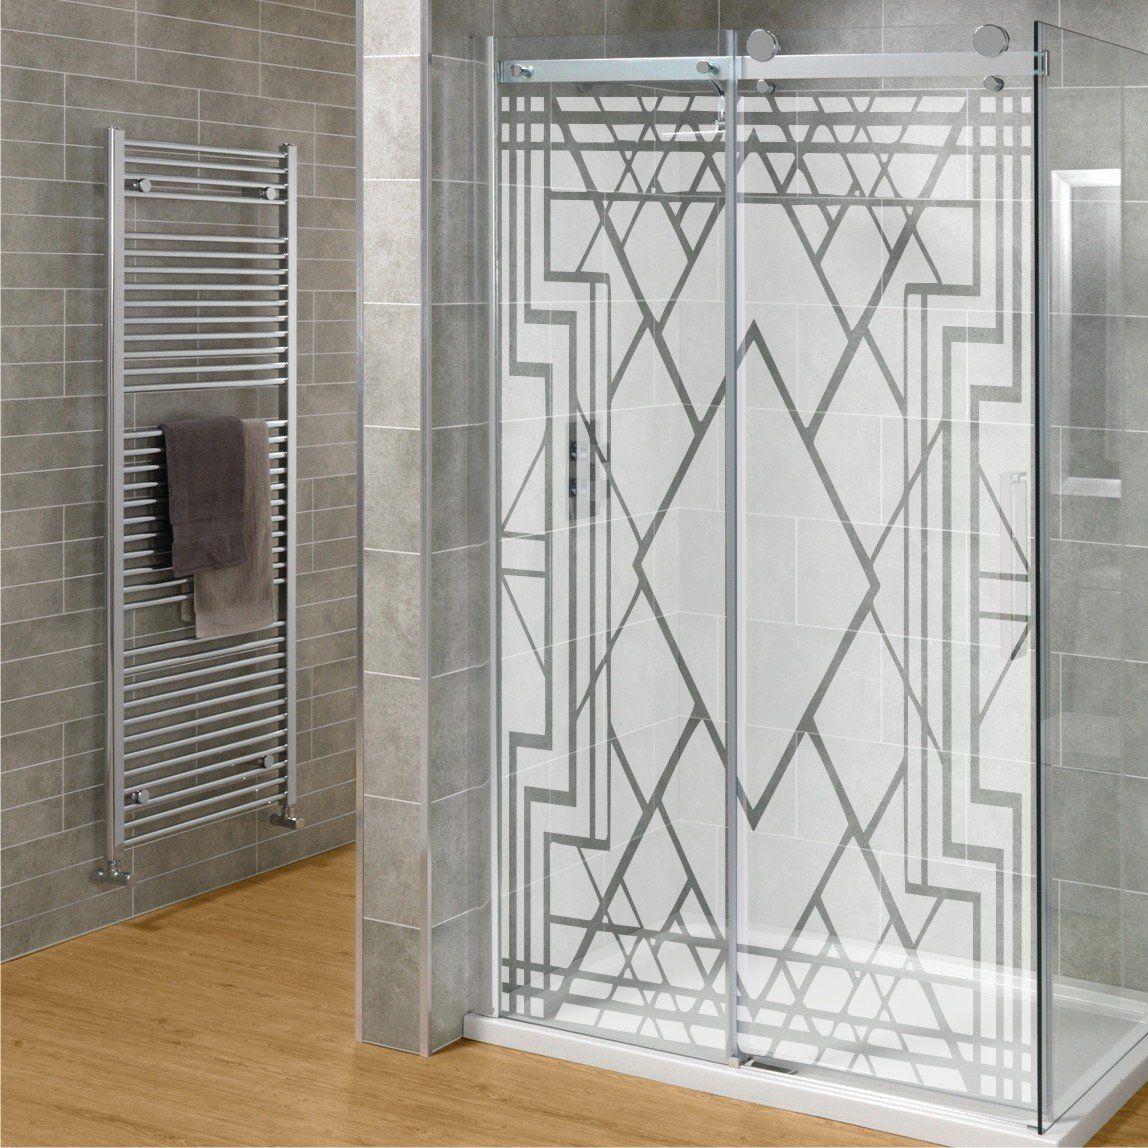 amazon - diy etched glass shower door set - art deco design